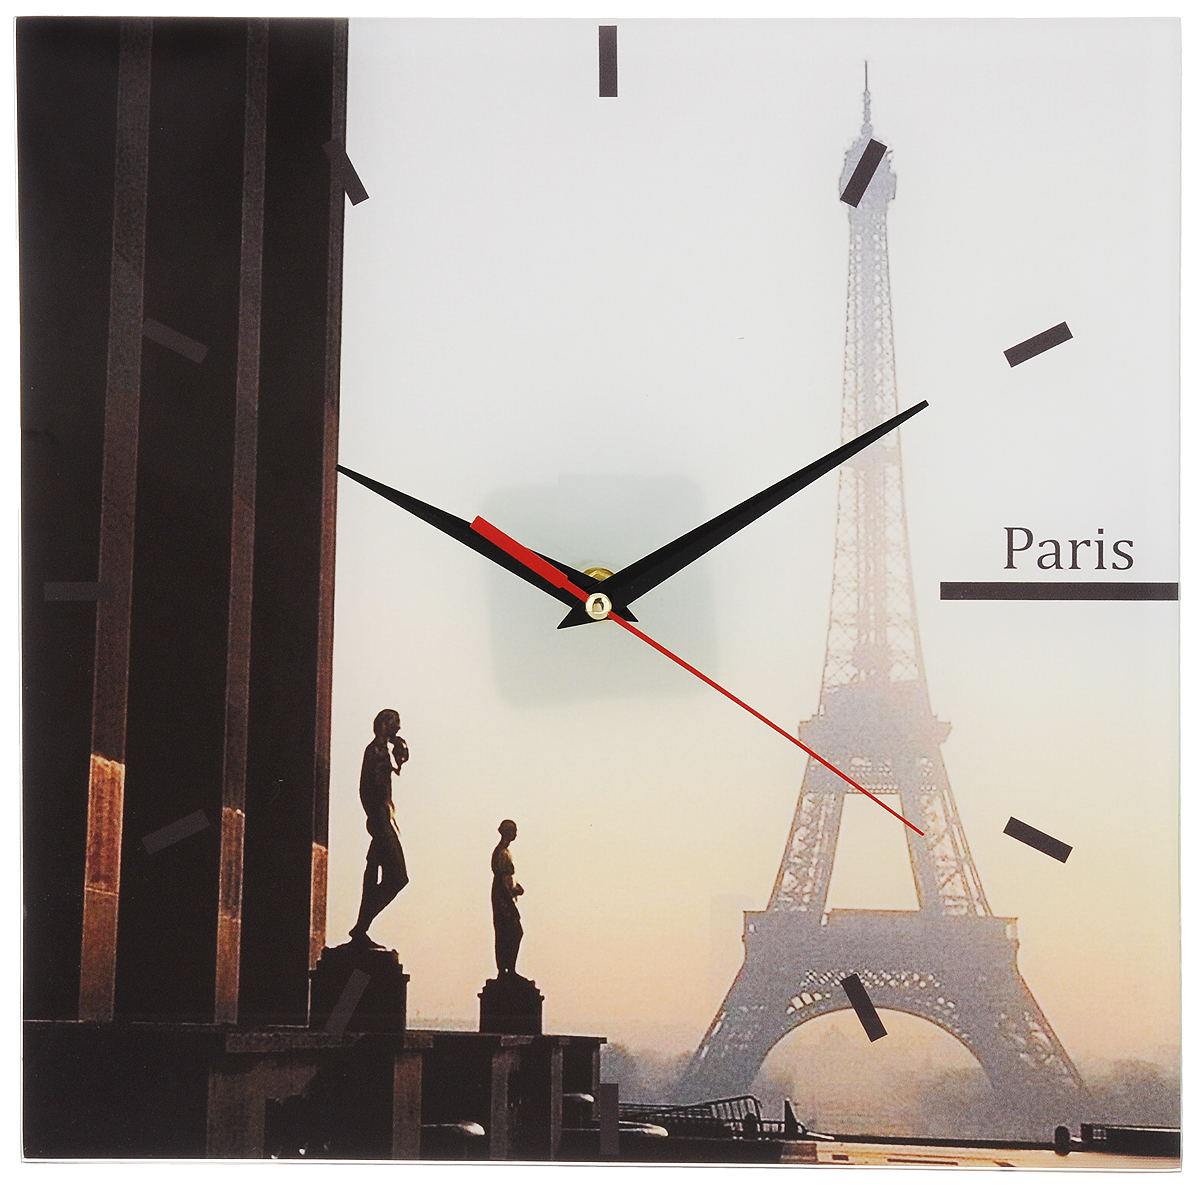 Часы настенные Paris, стеклянные, цвет: мульти. 9530195301Оригинальные настенные часы Paris выполнены из стекла и оформлены изображением Парижа. Часы имеют три стрелки - часовую, минутную и секундную. Циферблат часов не защищен. Необычное дизайнерское решение и качество исполнения придутся по вкусу каждому. Оформите совой дом таким интерьерным аксессуаром или преподнесите его в качестве презента друзьям, и они оценят ваш оригинальный вкус и неординарность подарка. Характеристики: Материал: пластик, стекло. Размер: 28 см x 28 см x 2 см. Размер упаковки: 30 см х 30 см х 4,5 см. Артикул: 95301. Работают от батарейки типа АА (в комплект не входит). Рекомендуем!